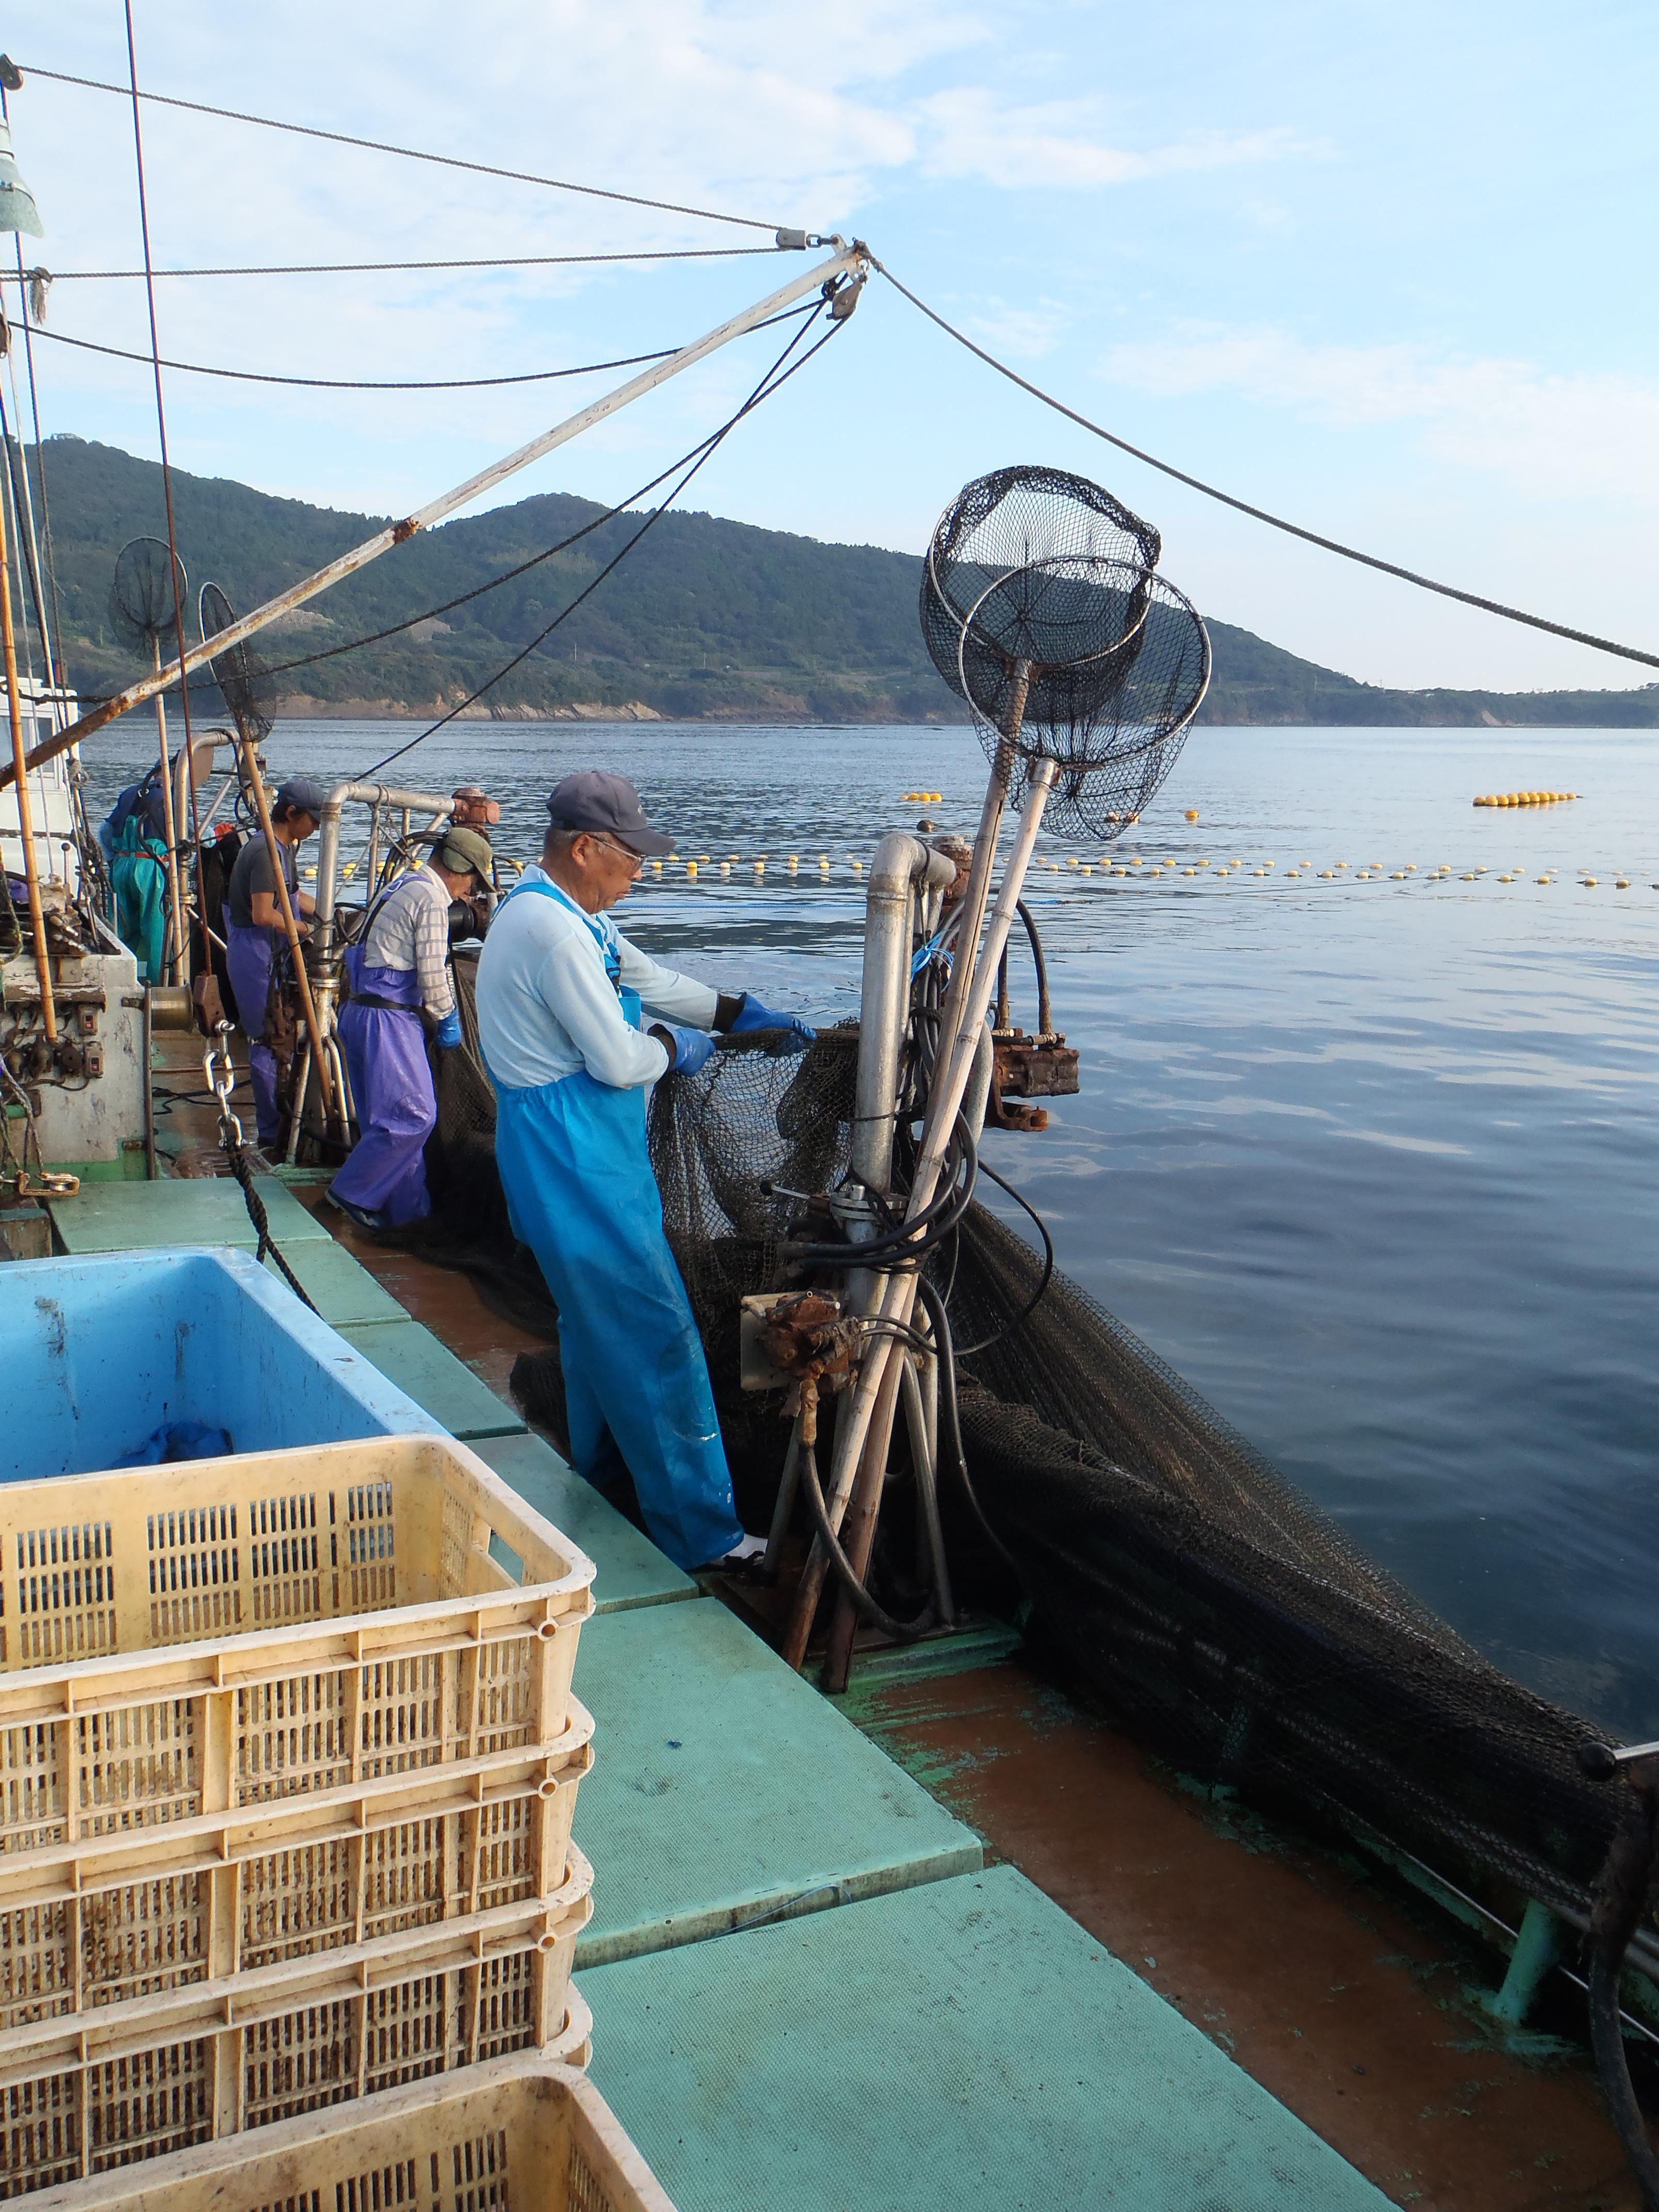 網を巻く機械。船の片方に並んでいる。